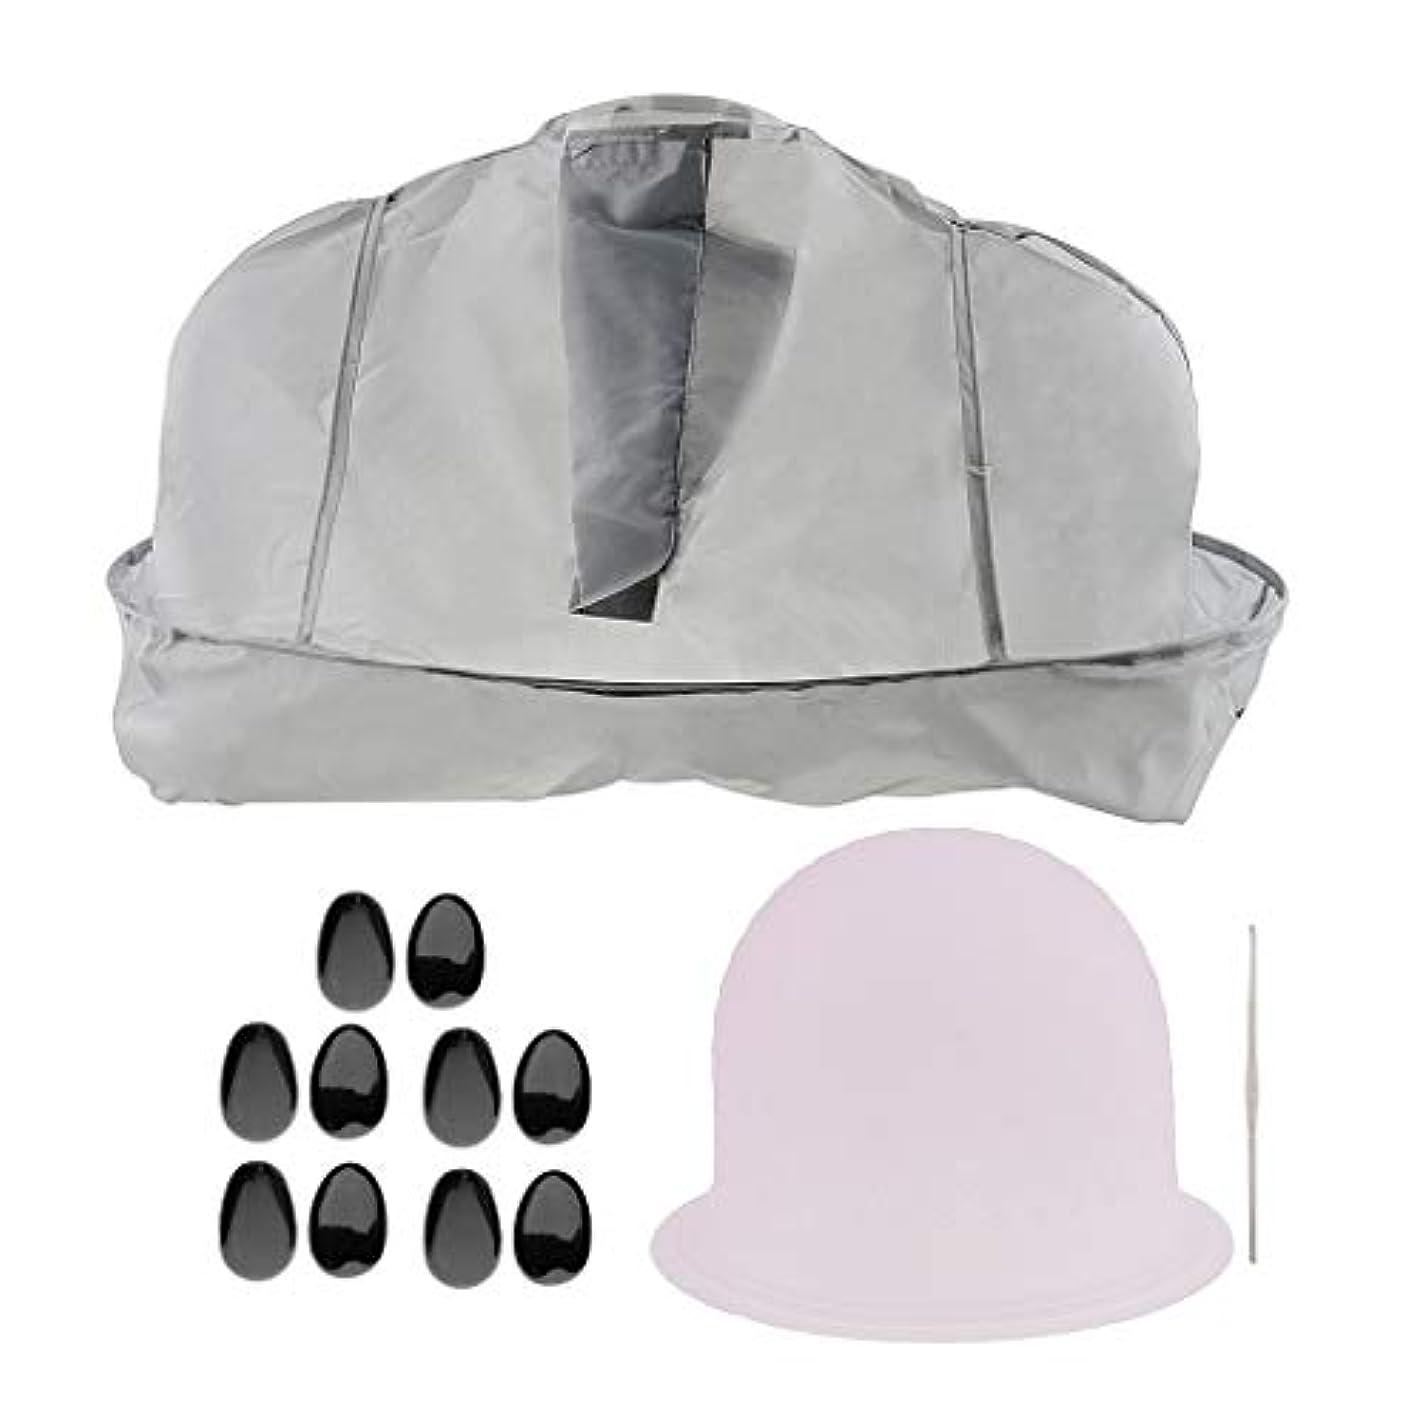 真鍮リム投資するヘアティントキャップ メタルフック 美容ケープ 髪染め耳カバー サロン